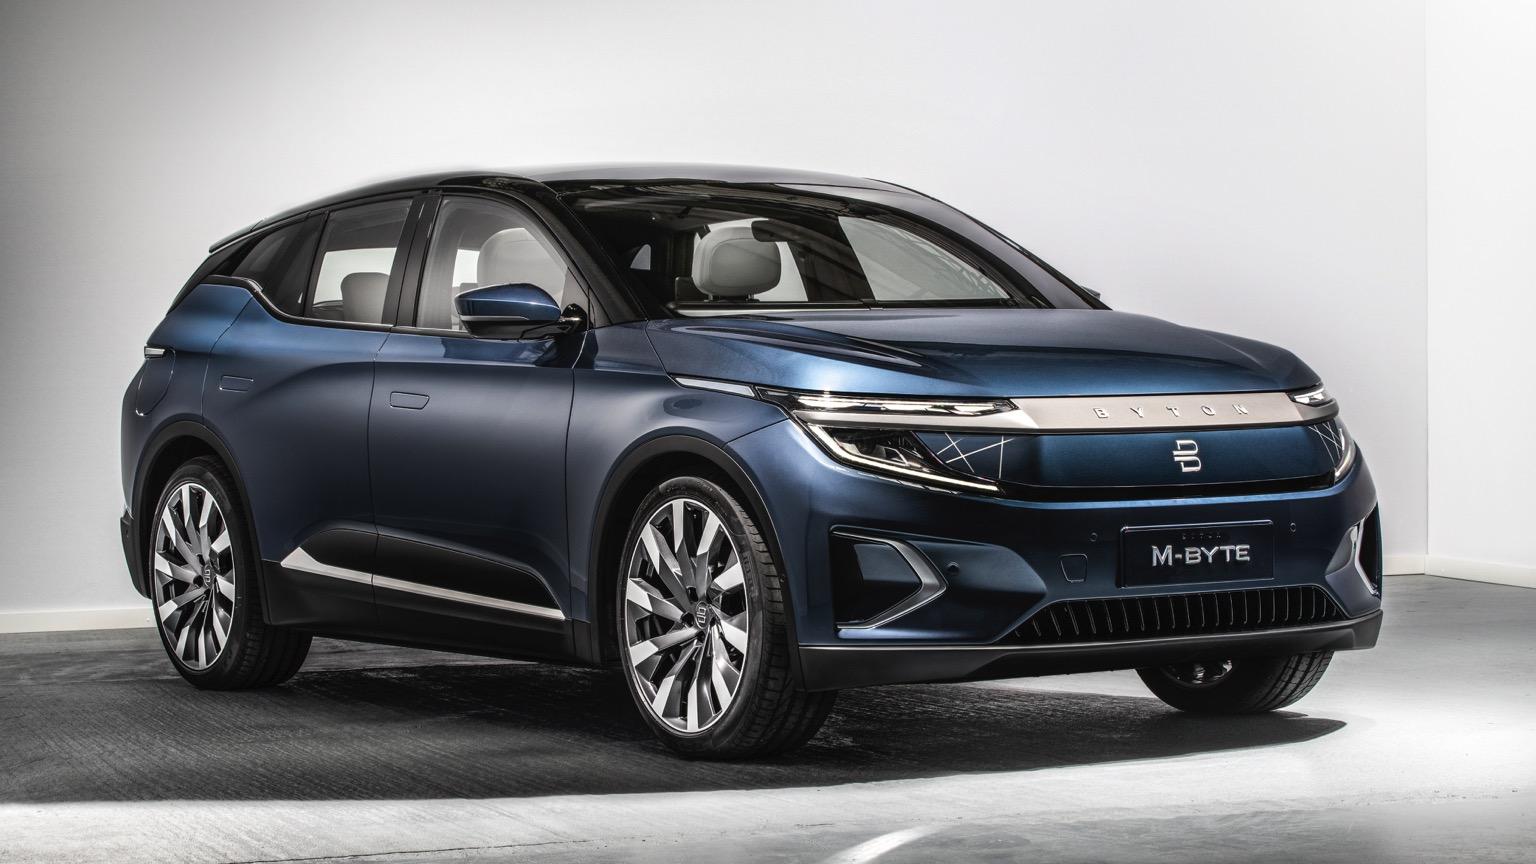 Byton M-Byte 95 kWh 2WD (2021)